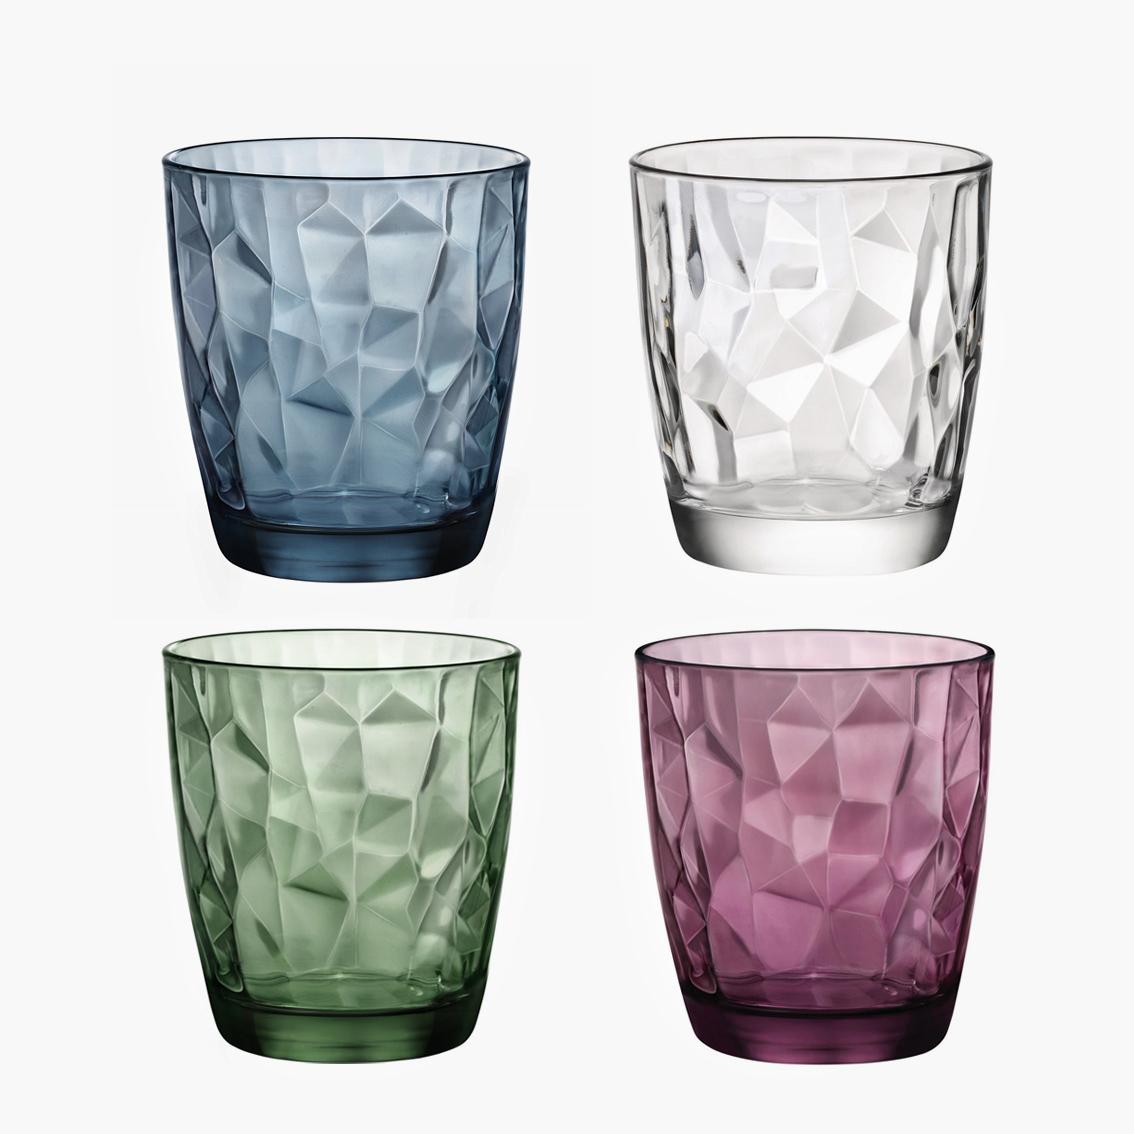 意大利进口玻璃杯子水晶钻石茶杯 家用饮料果汁杯彩色喝水杯套装